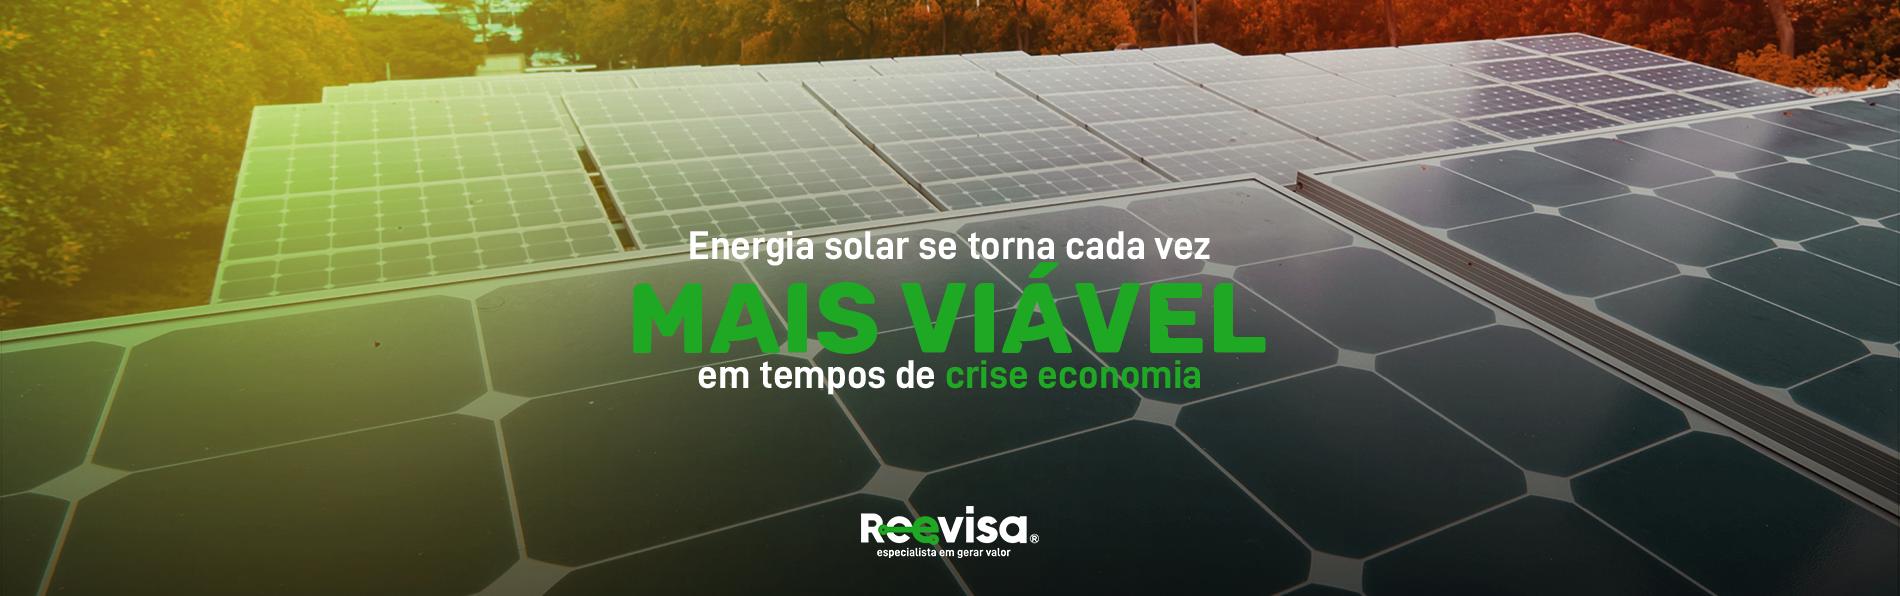 Energia solar se torna cada vez mais viável em tempos de crise economia